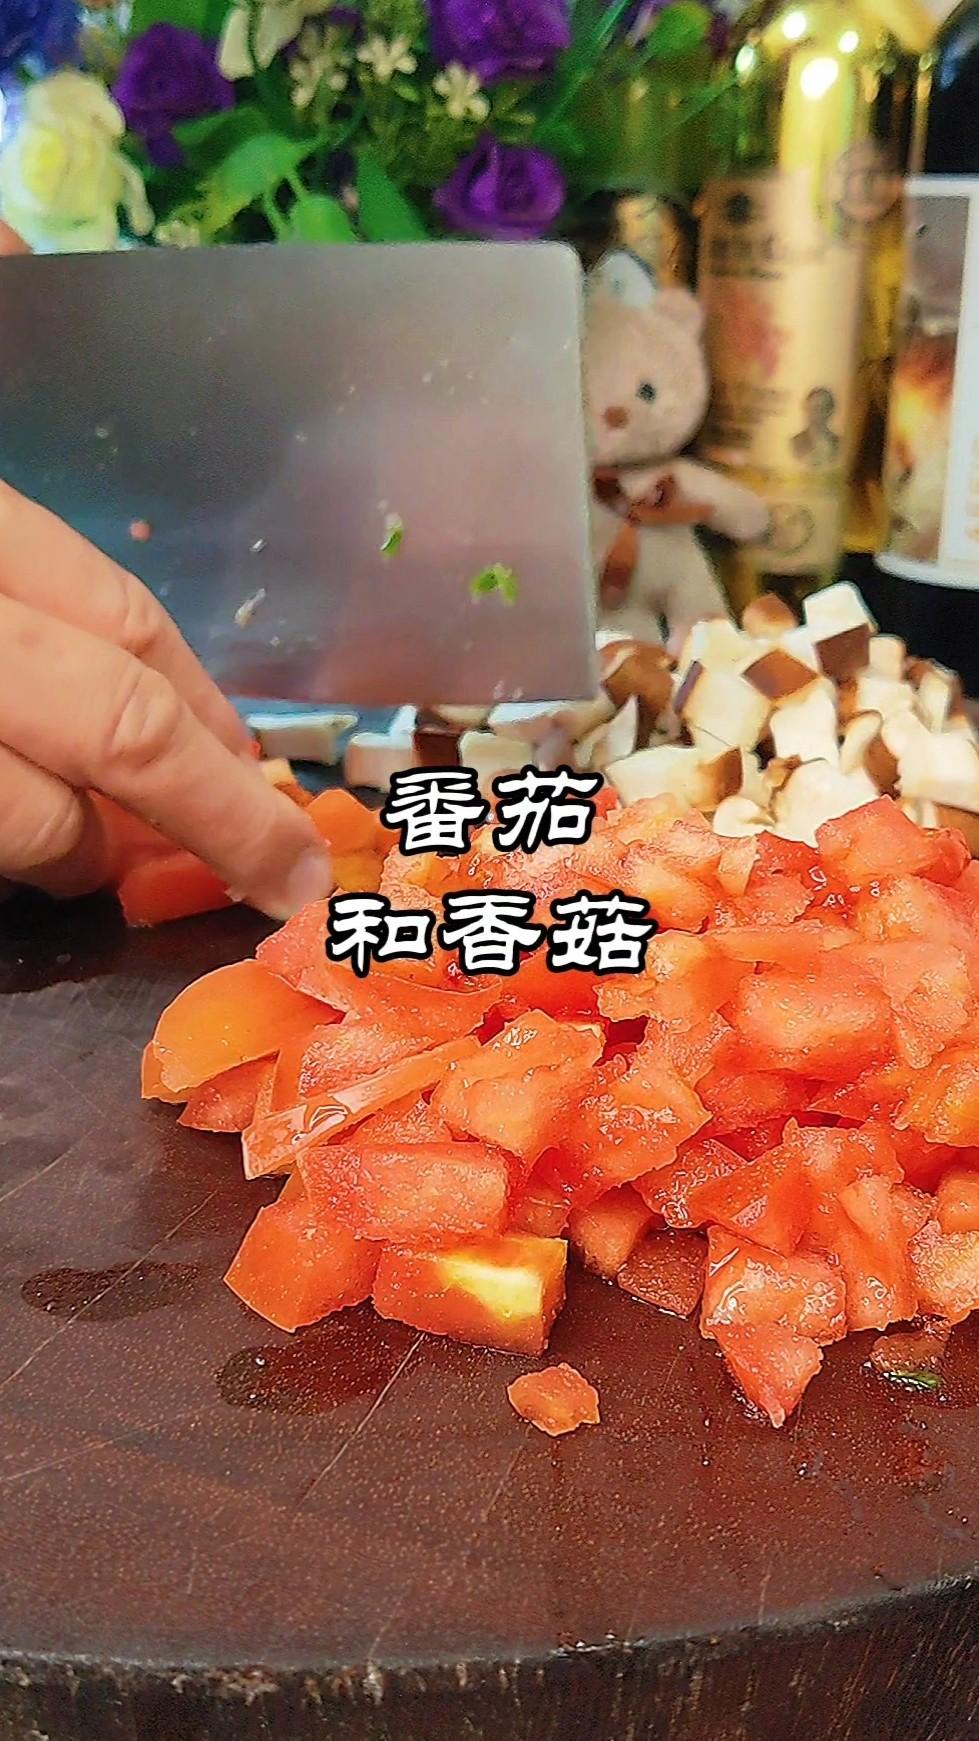 番茄肉酱焖米饭的做法大全